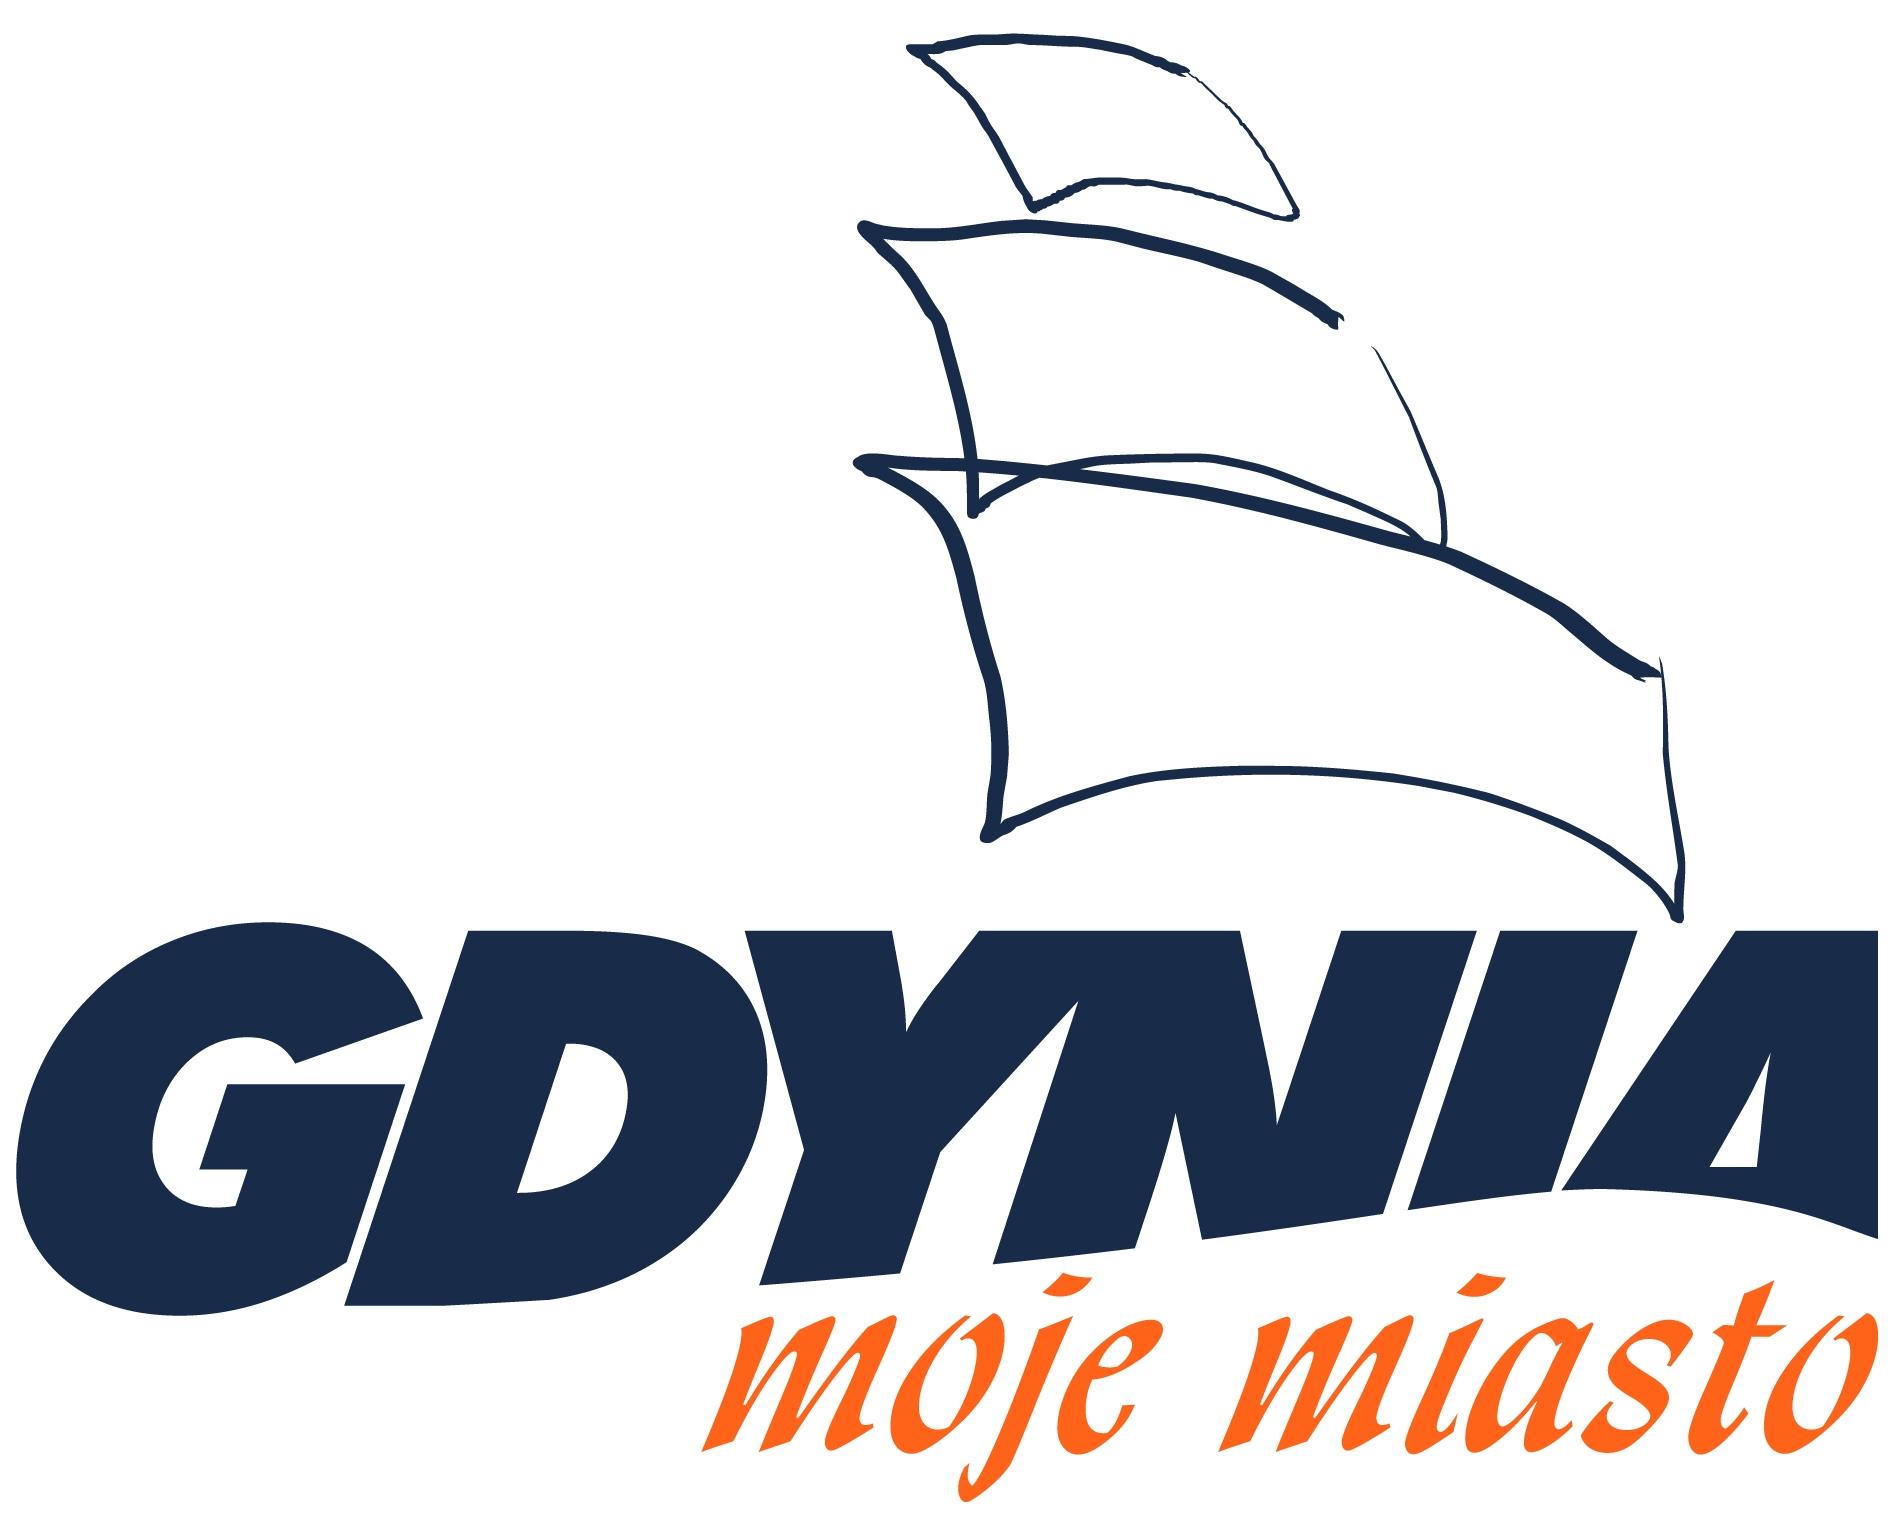 Logotyp Gdynia moje miasto